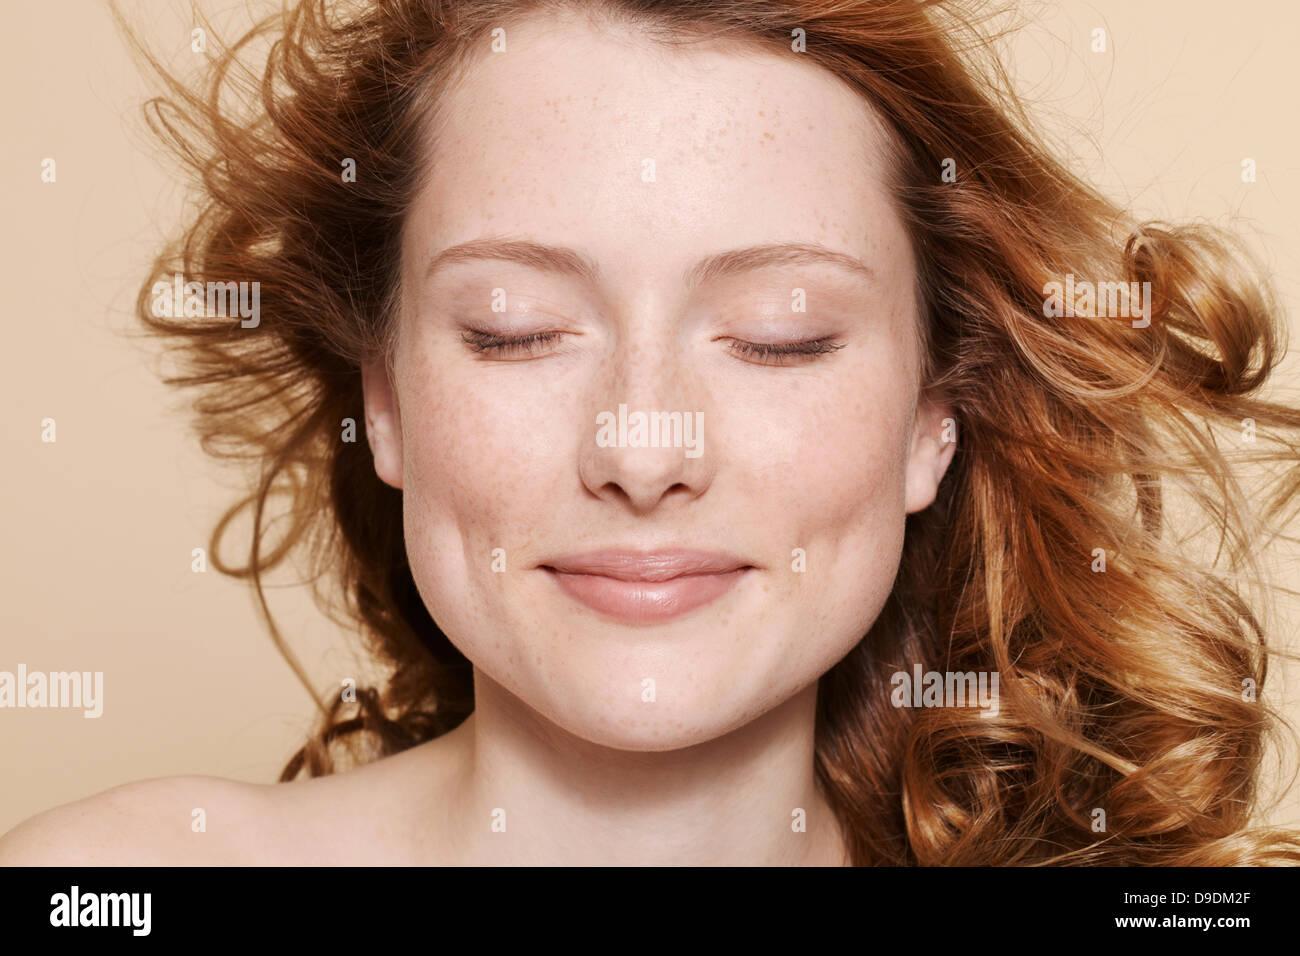 Studioaufnahme der jungen Frau mit lockigen roten Haaren, Augen geschlossen Stockbild